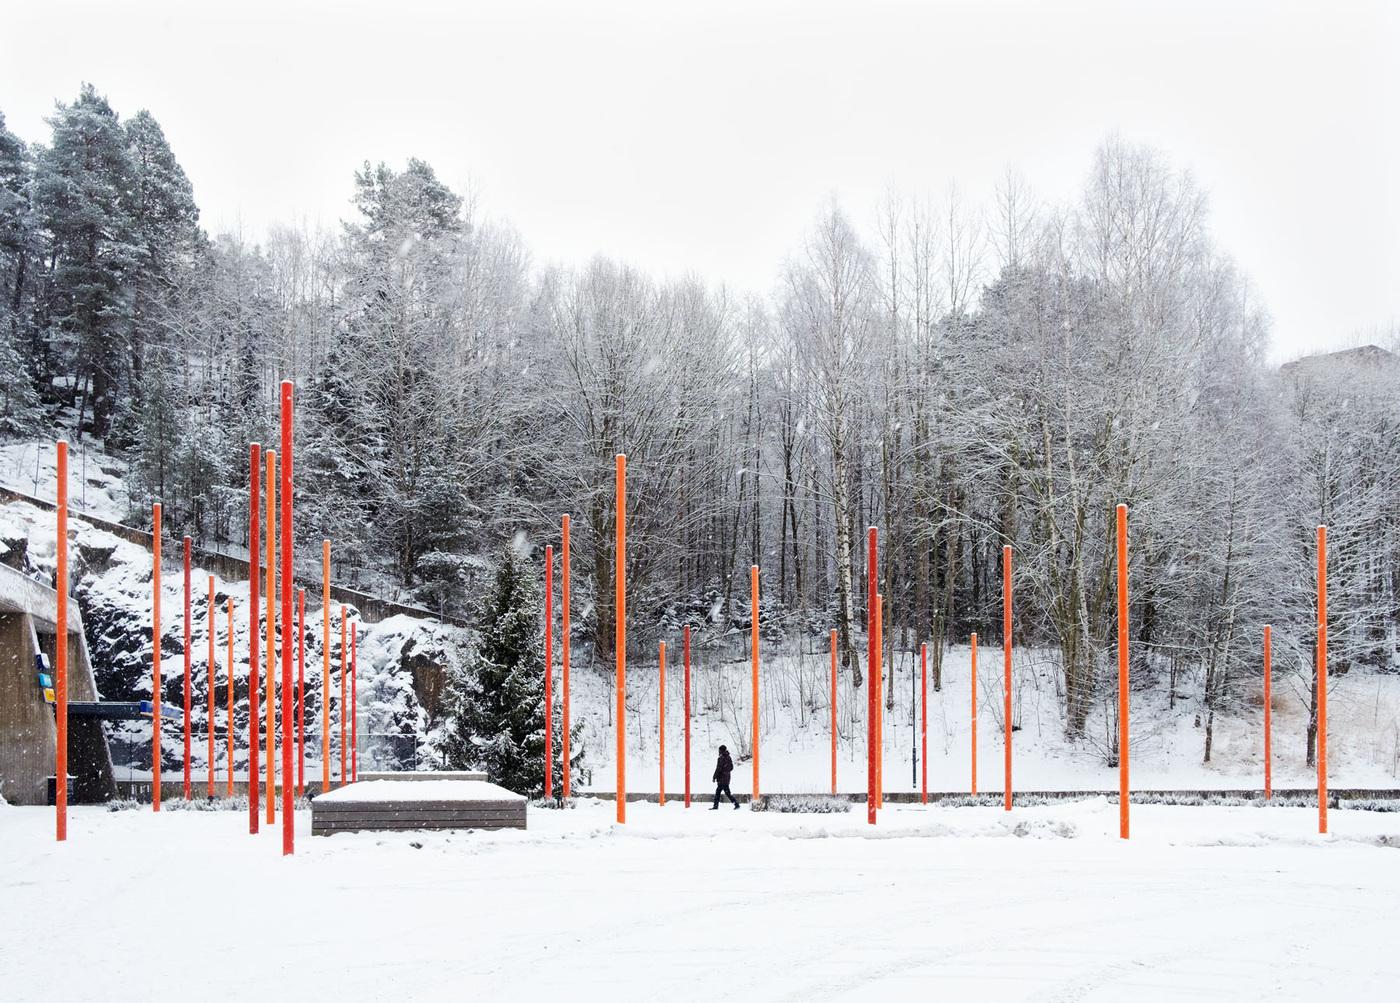 Ulf Lundin - Landscape architecture